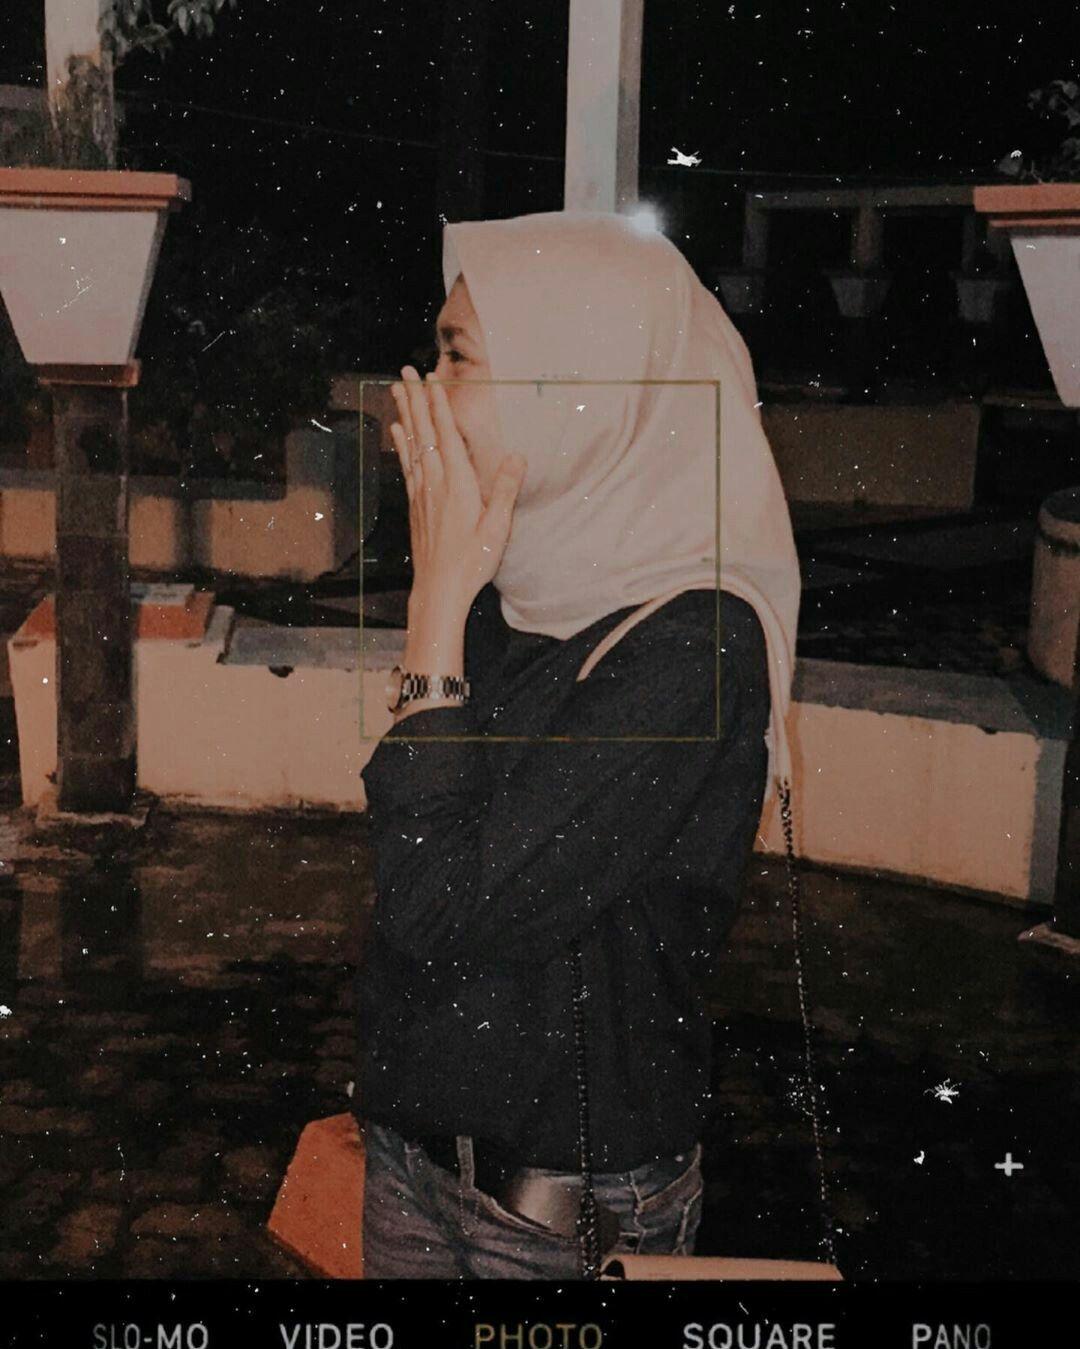 Pin oleh Ryme Ryme di hijab girl di 10  Potret diri, Foto diri